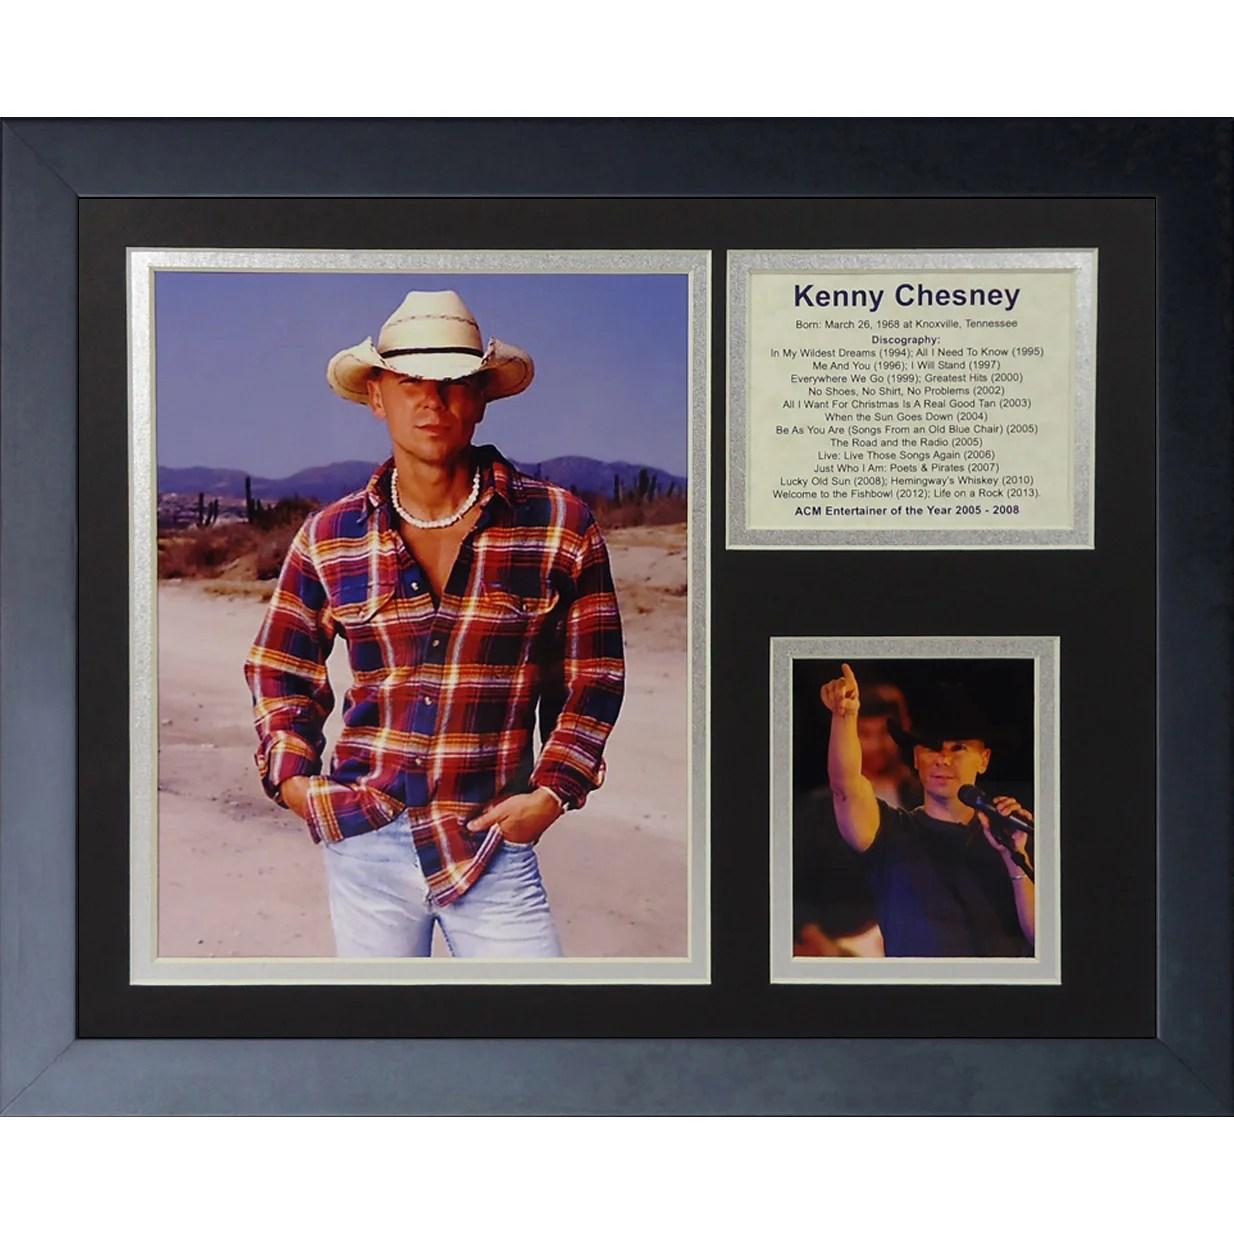 kenny chesney christmas cards - Kenny Chesney Christmas